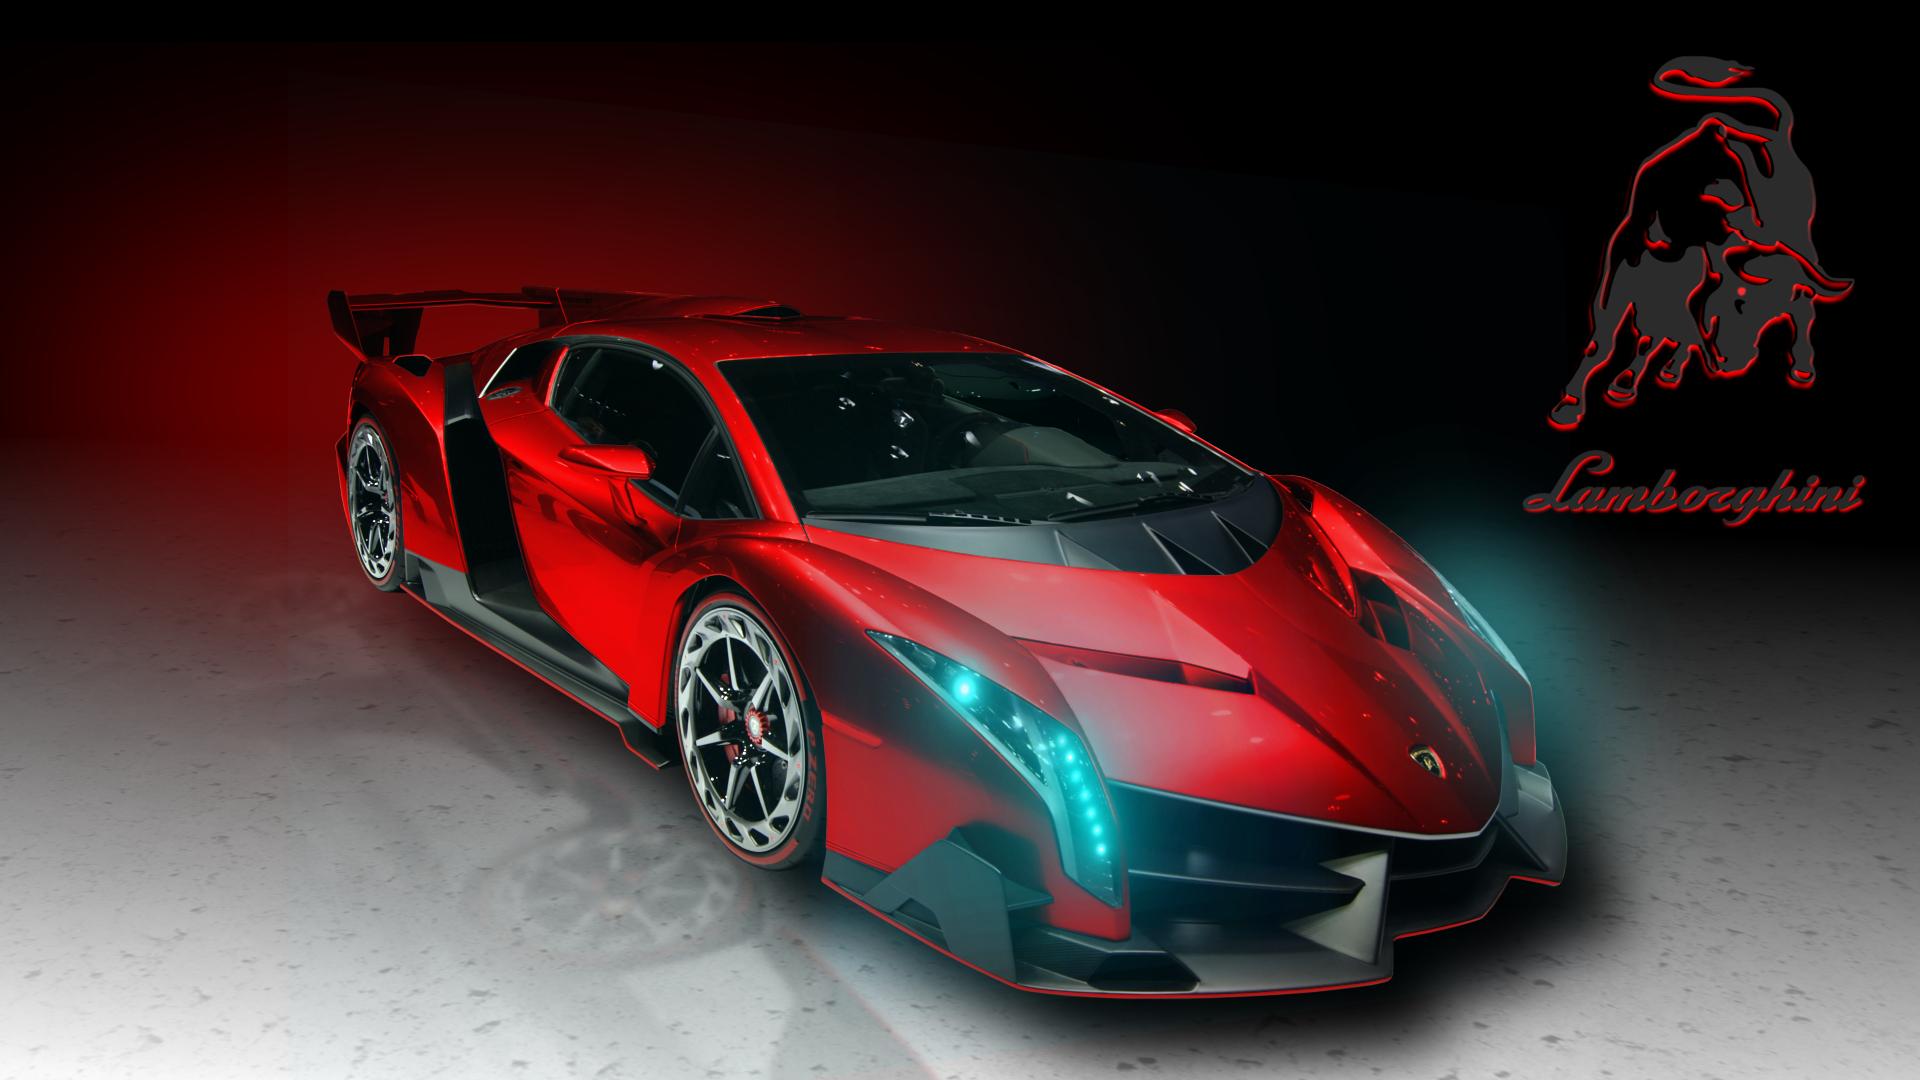 2014 Red Lamborghini Veneno HD Wallpaper - My Site